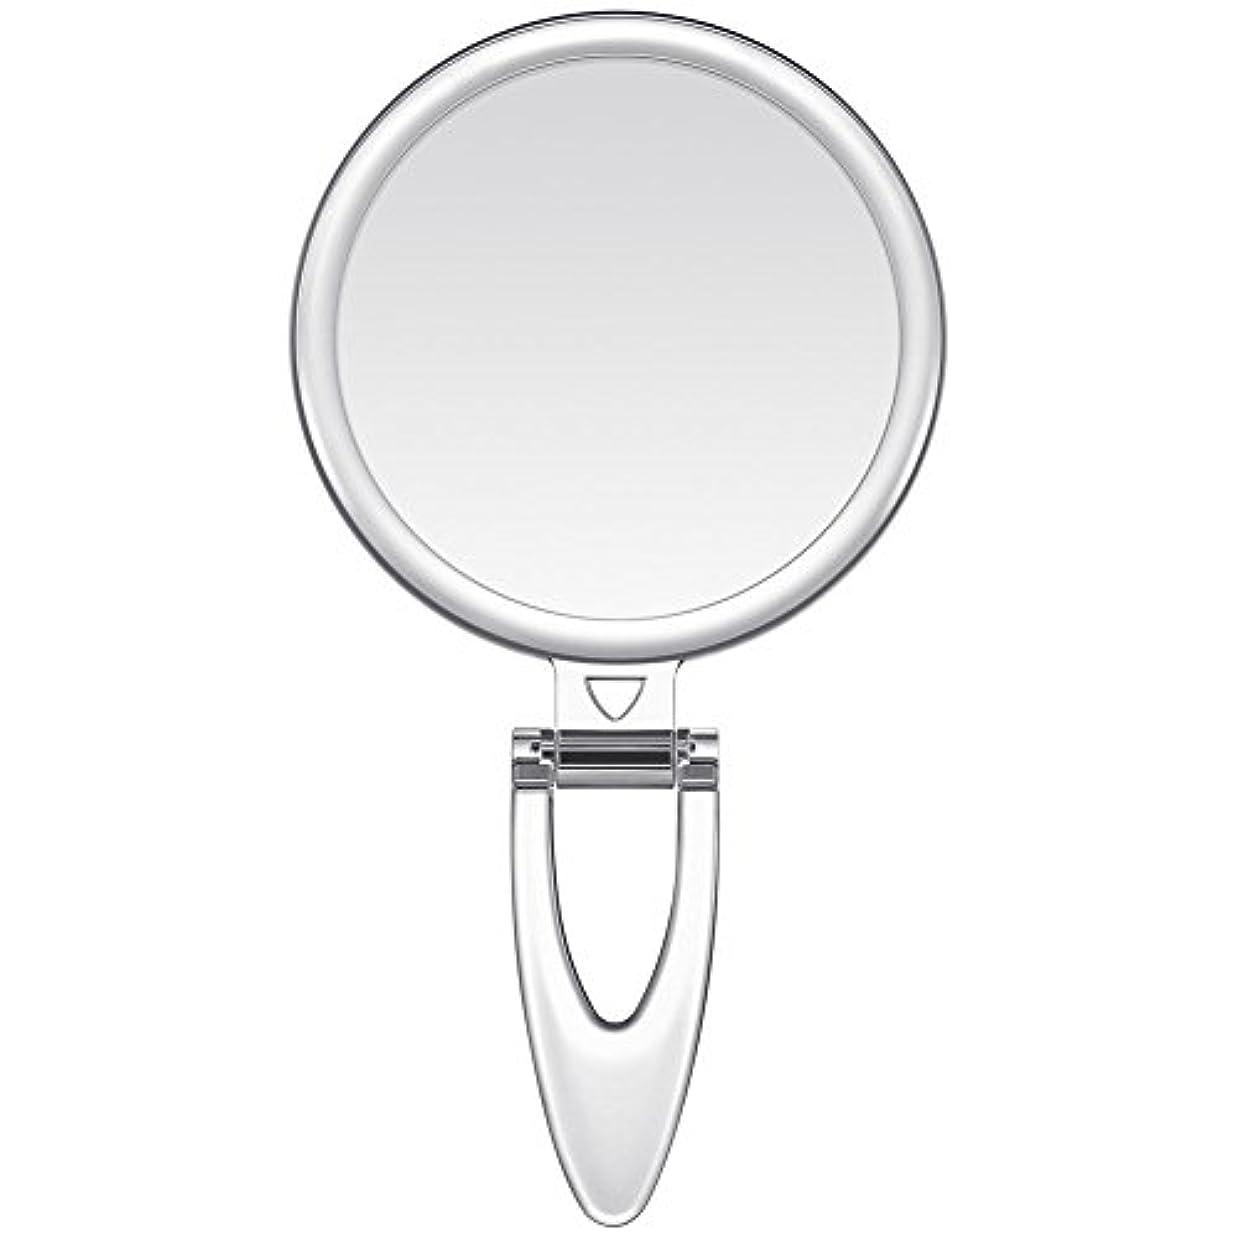 粘り強いであること葉を集めるLavany 手鏡 鏡 拡大鏡 両面コンパクトミラー 化粧鏡 10倍鏡付き 手持ち スタンド 壁掛け仕様 (S(3.2インチ))